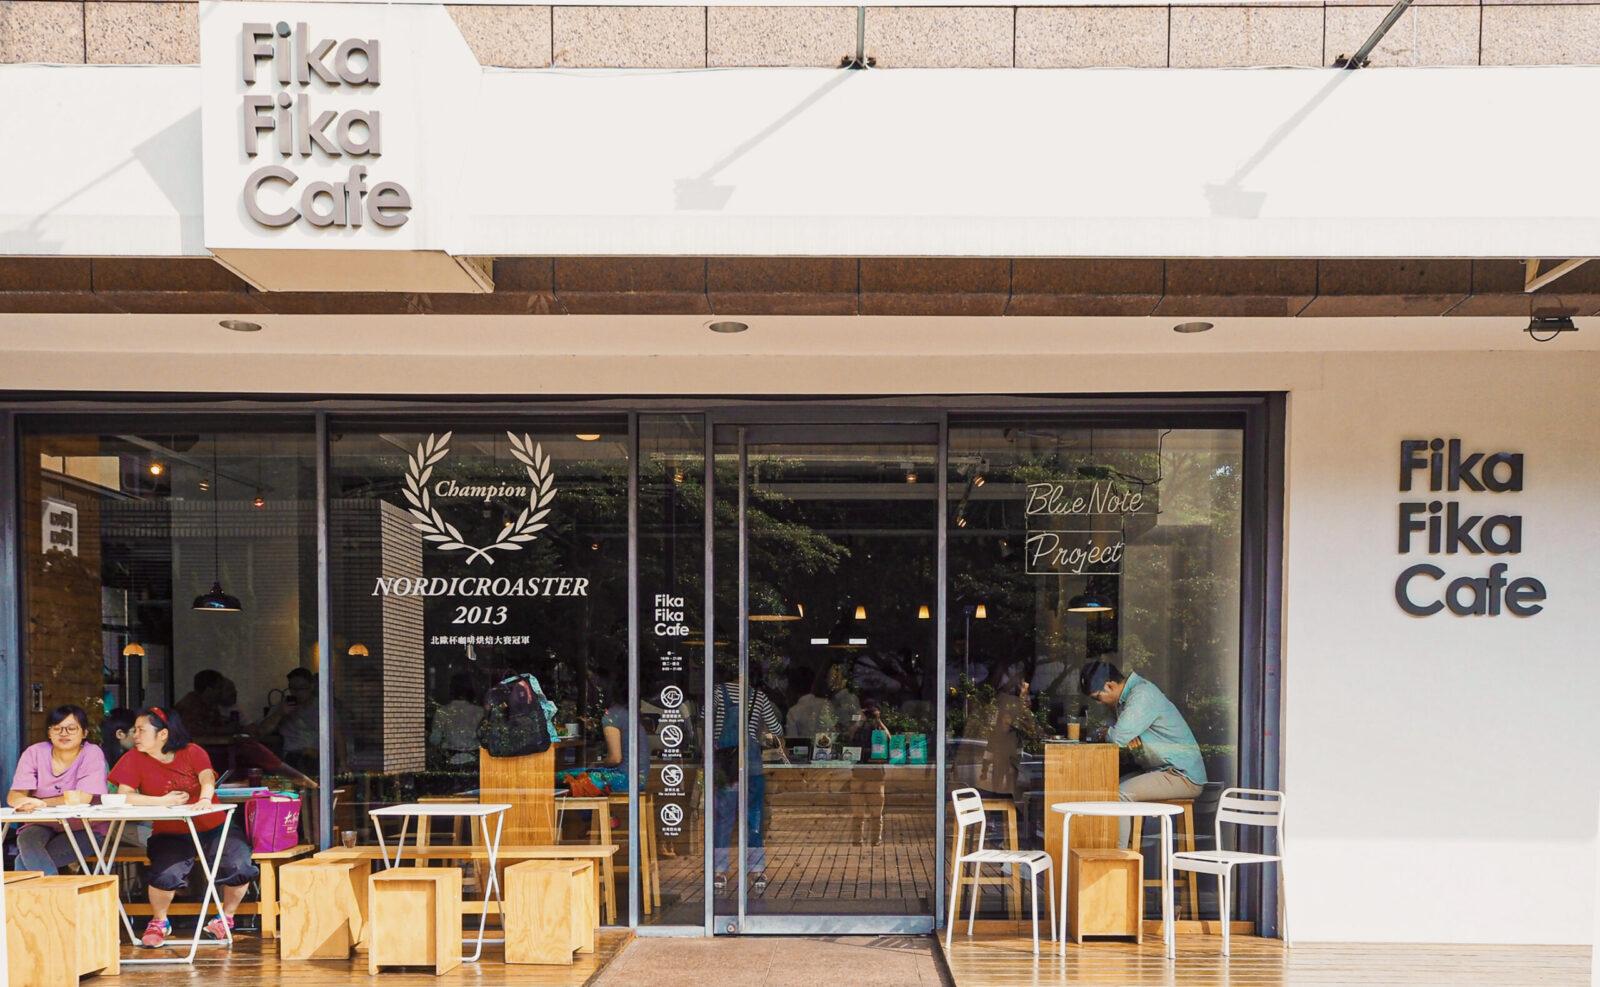 【台北】世界一のバリスタのFika Fika Cafeで優雅にカフェランチ